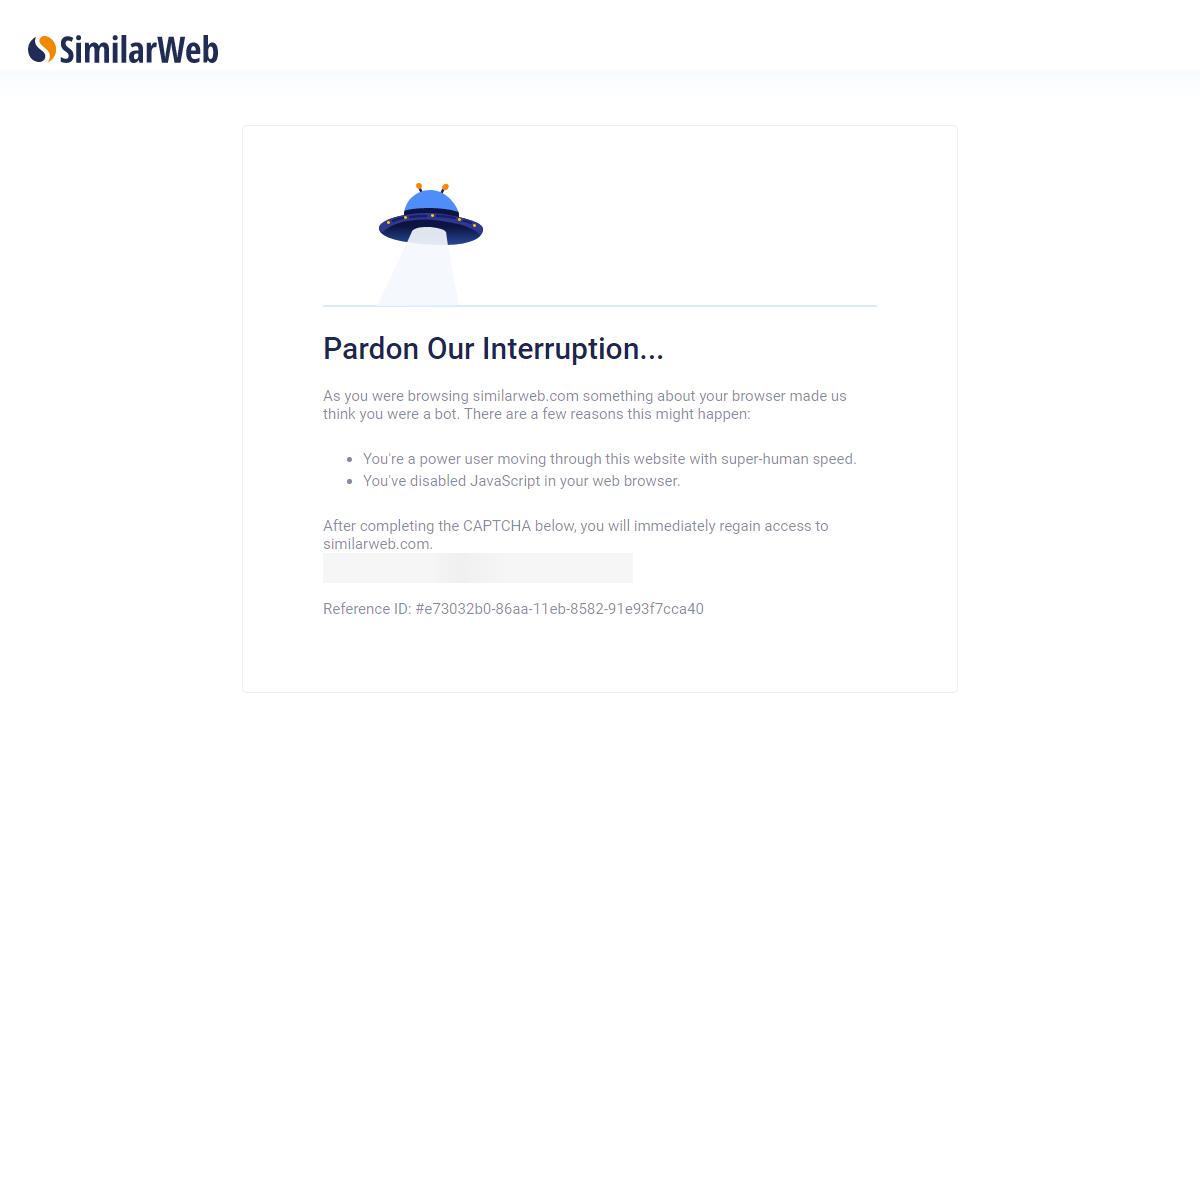 Website Traffic Analysis & Competitive Intelligence - SimilarWeb